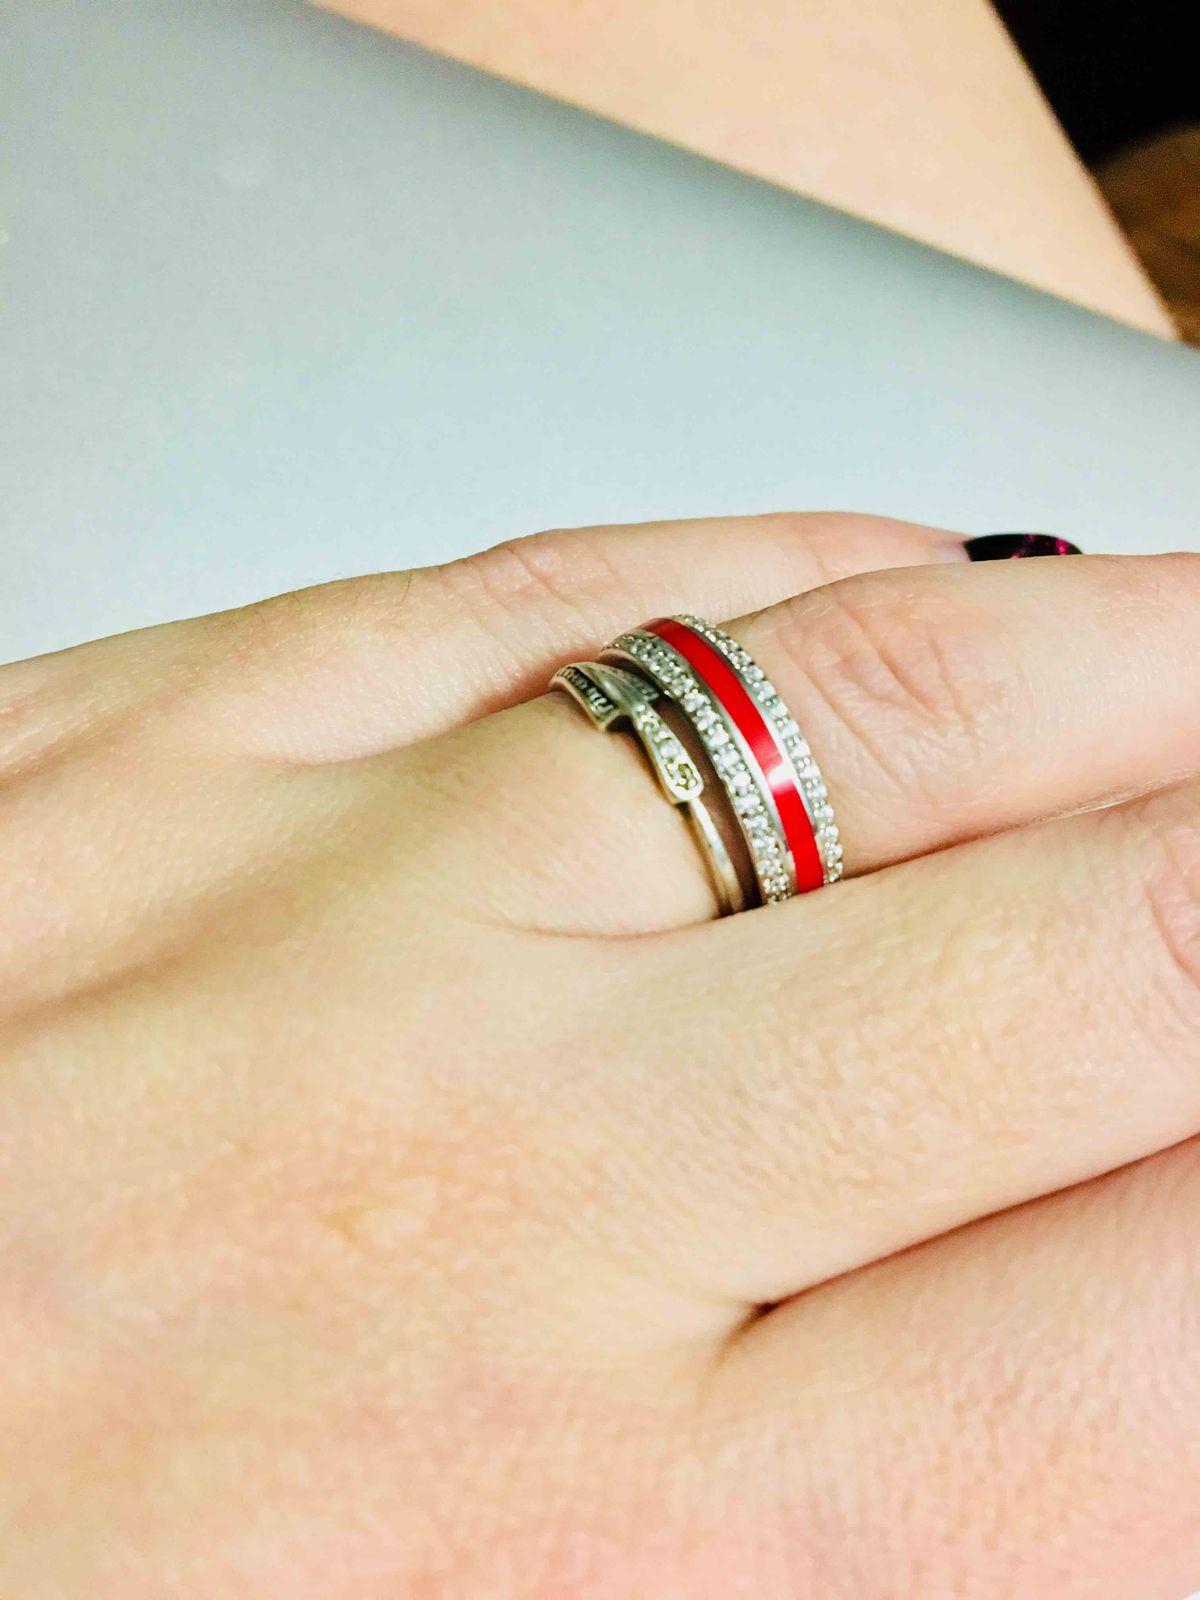 Кольцо из серебра с фианитами и полоской из керамики